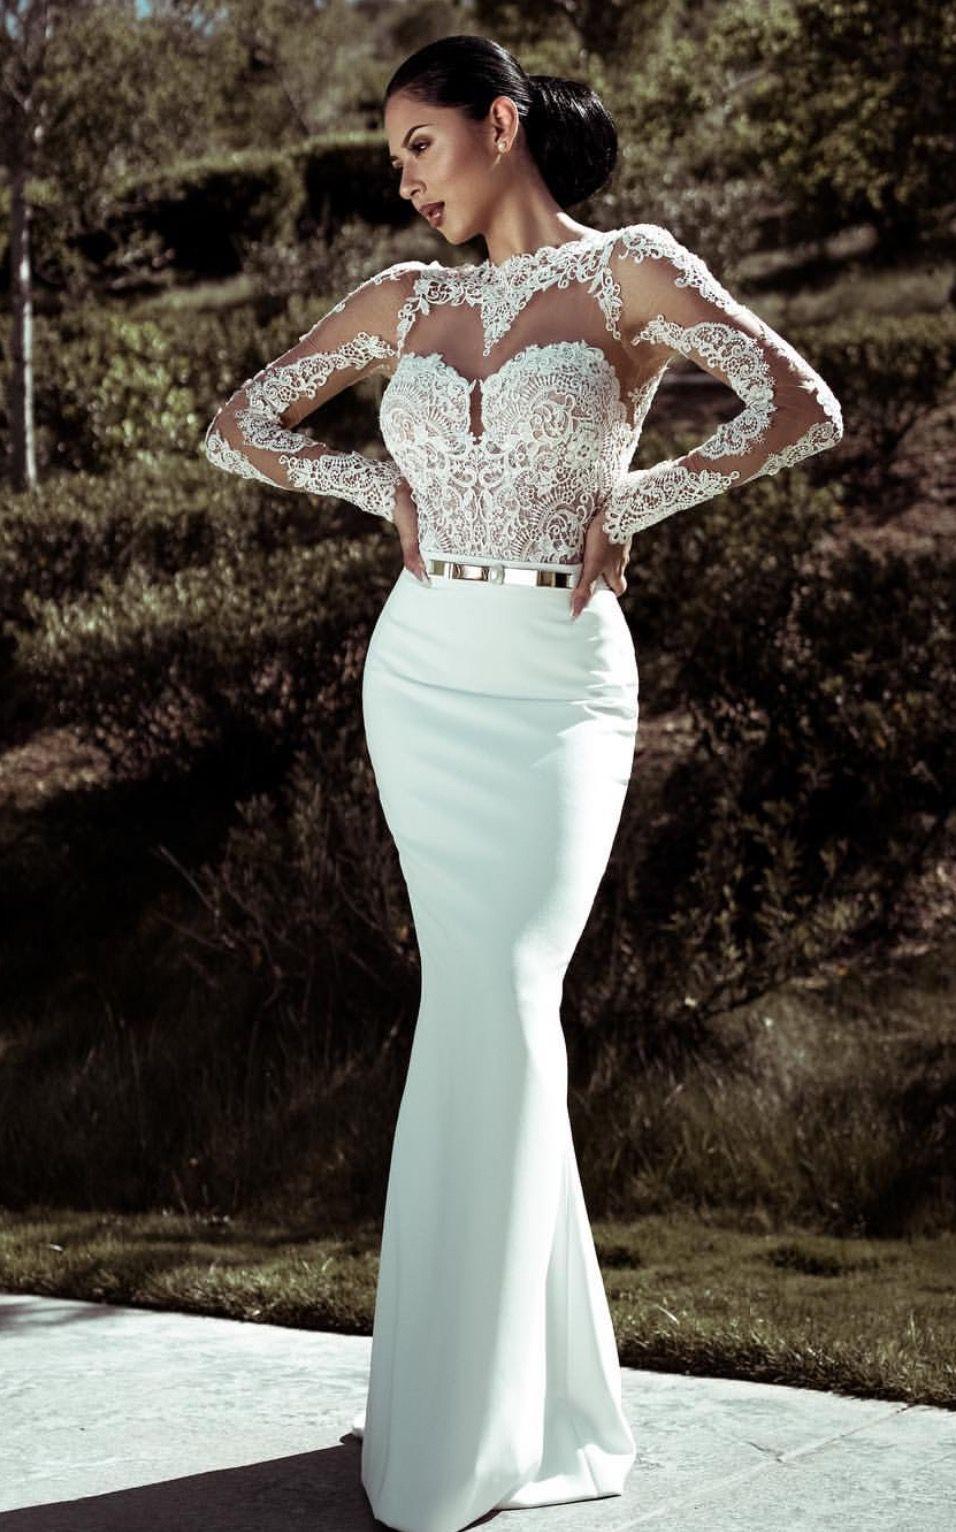 Pin On Sexy Lace Wedding Dress [ 1532 x 956 Pixel ]